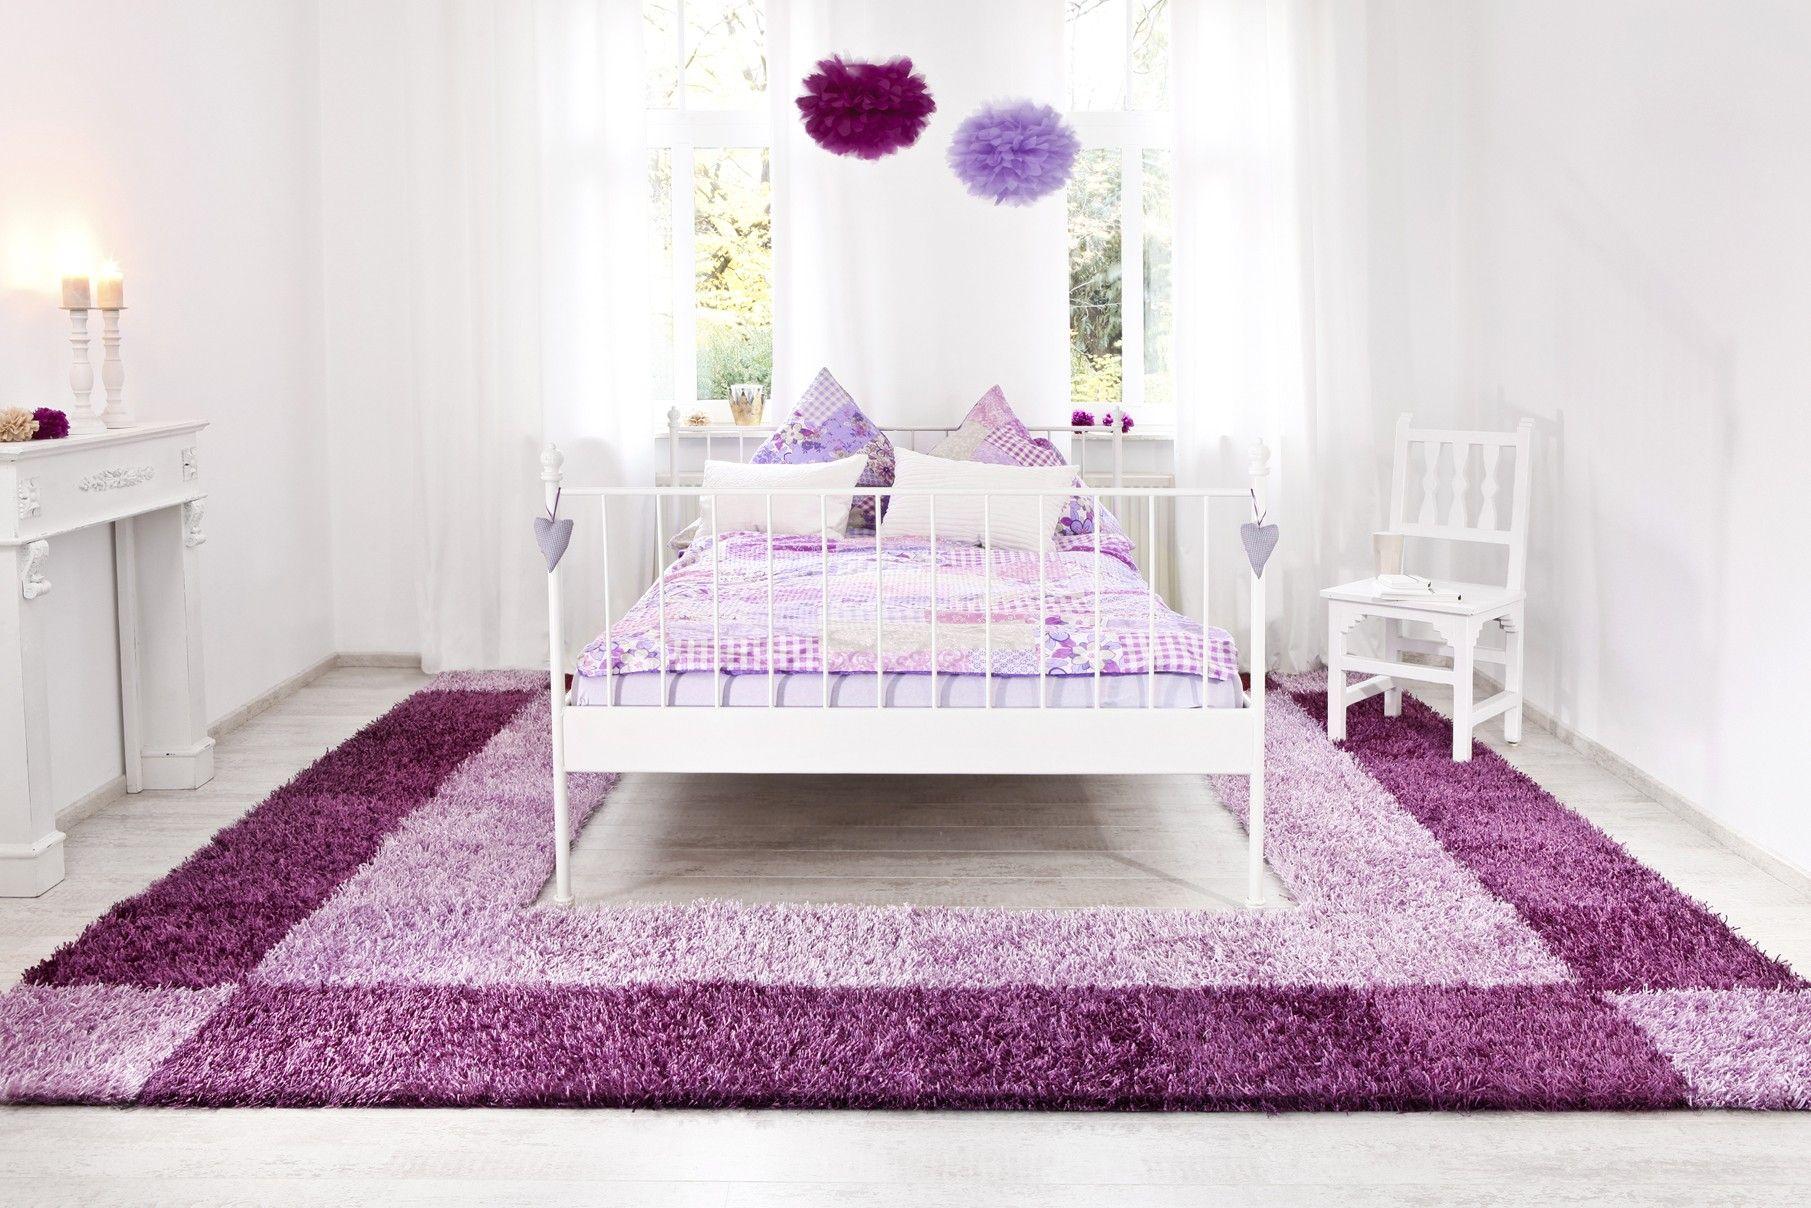 Bettumrandung In Lila Farben Mit Aussparung Für Das Schlafzimmerbett Al Mano Teppich Lila Farbe Warme Farben Farben